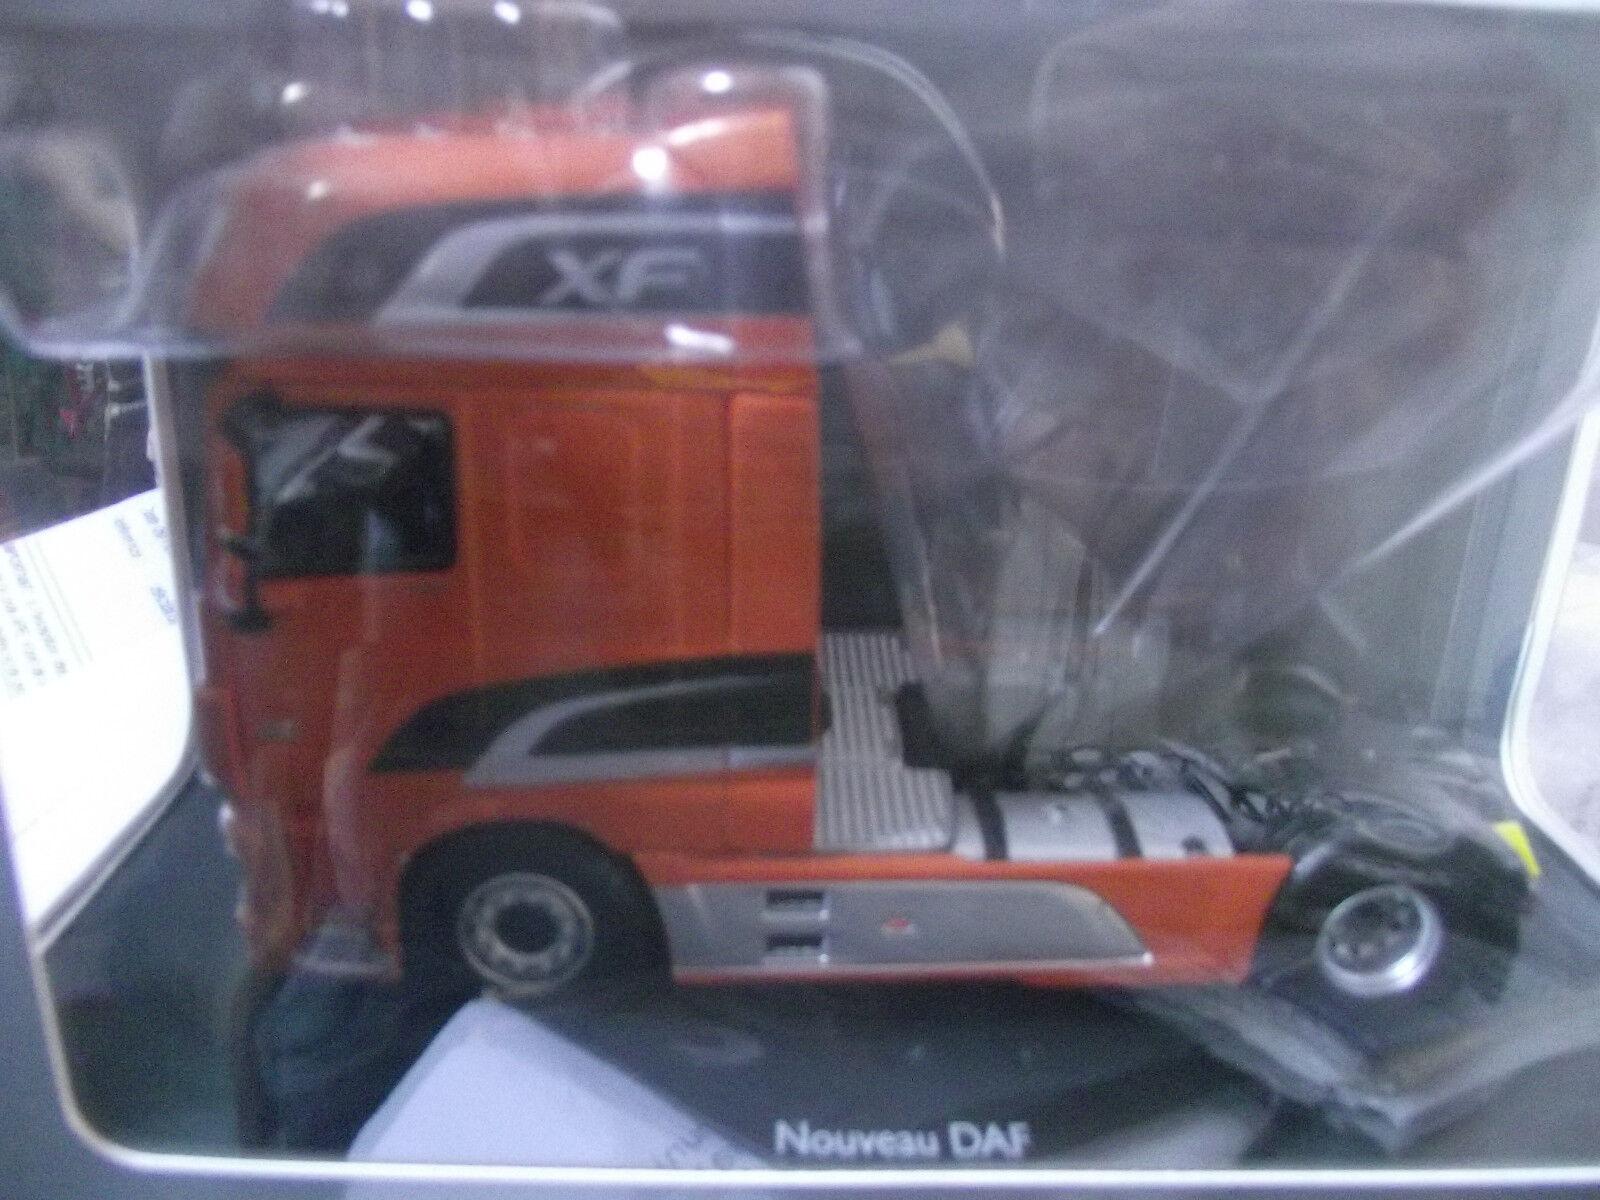 Daf xf superspace cab arancia (pic nic) tractor camión 1 43 eligor ref 115545